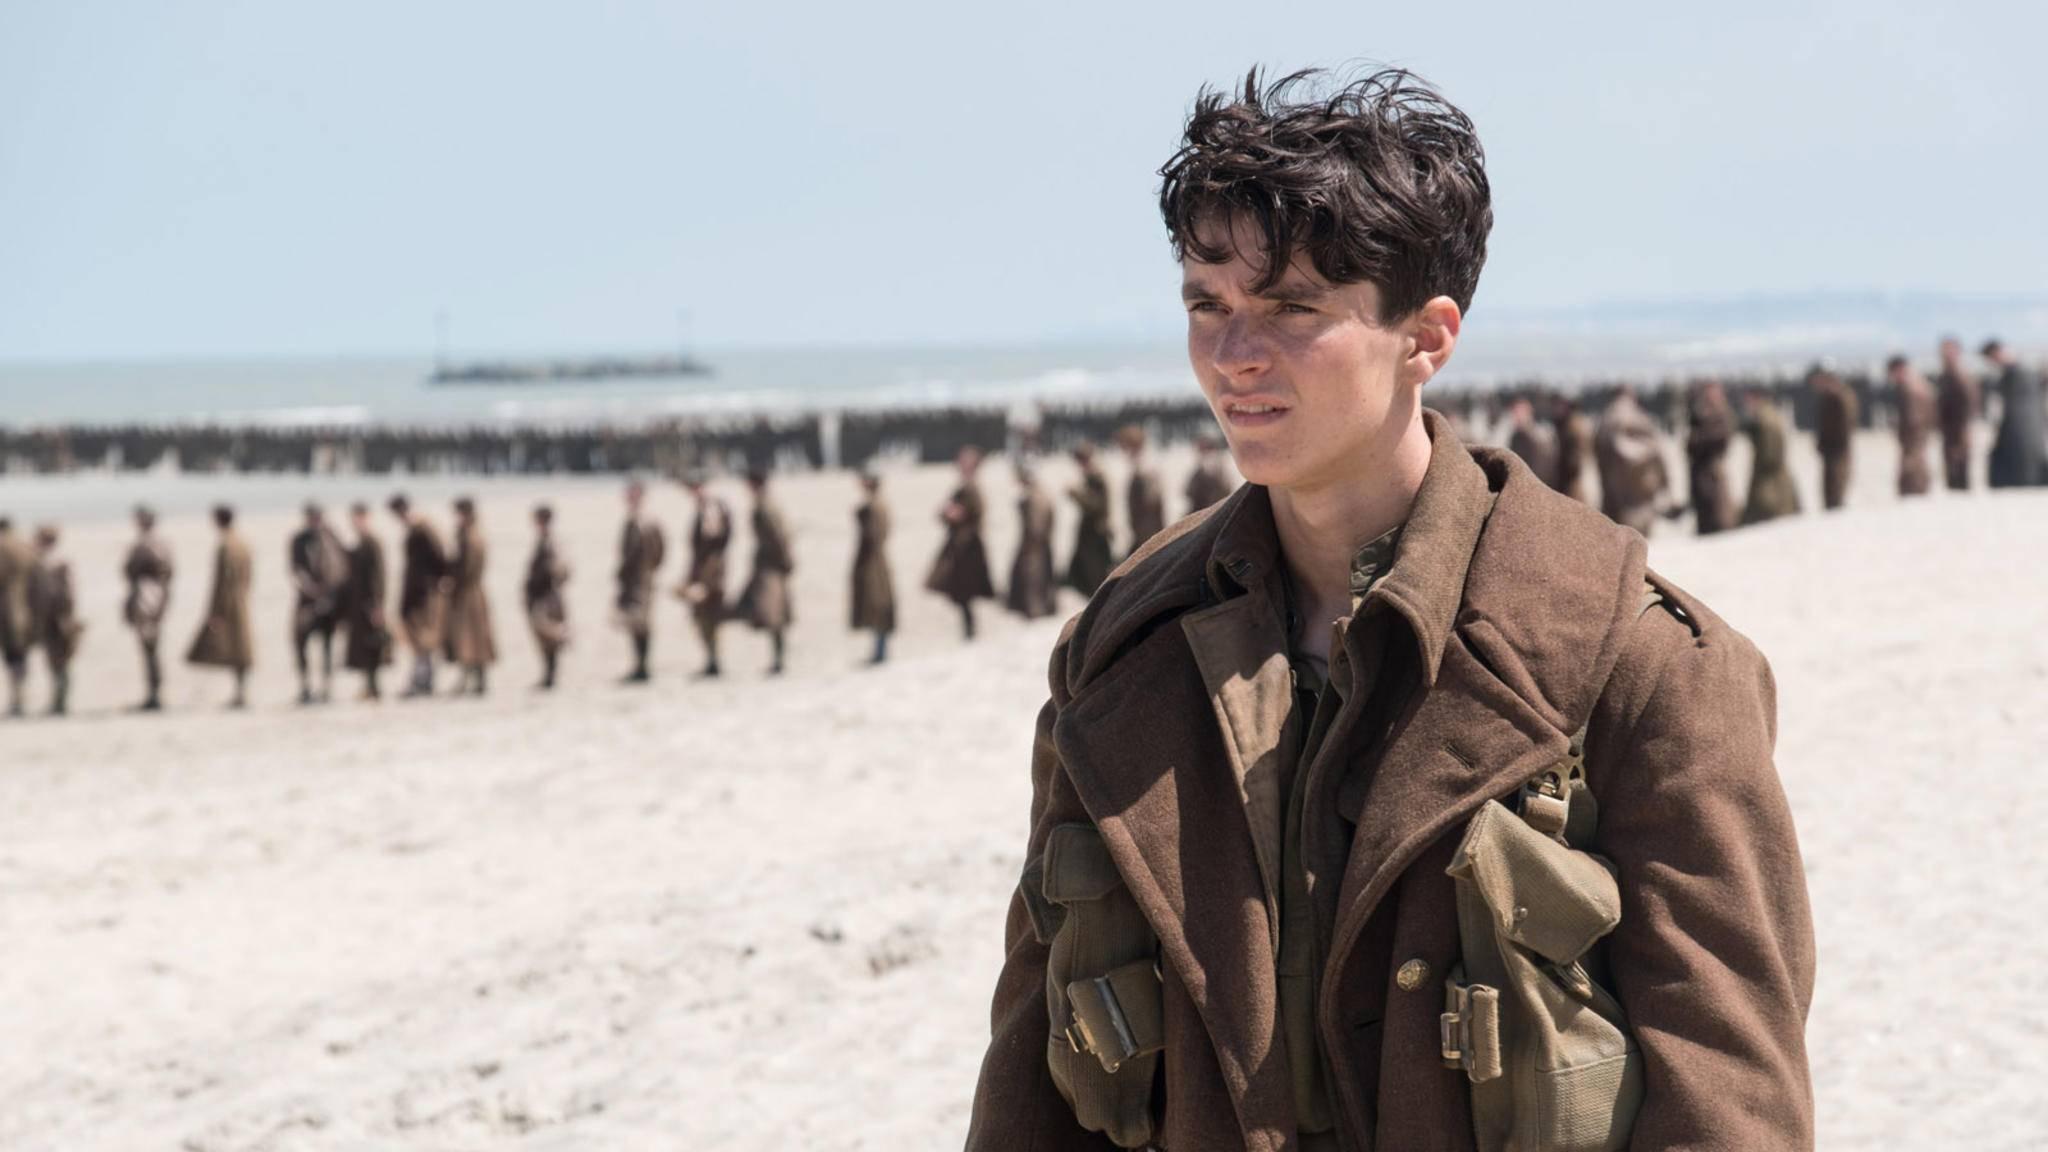 """Der britische Newcomer Fionn Whitehead spielt eine der zentralen Rollen in Christopher Nolans """"Dunkirk""""."""